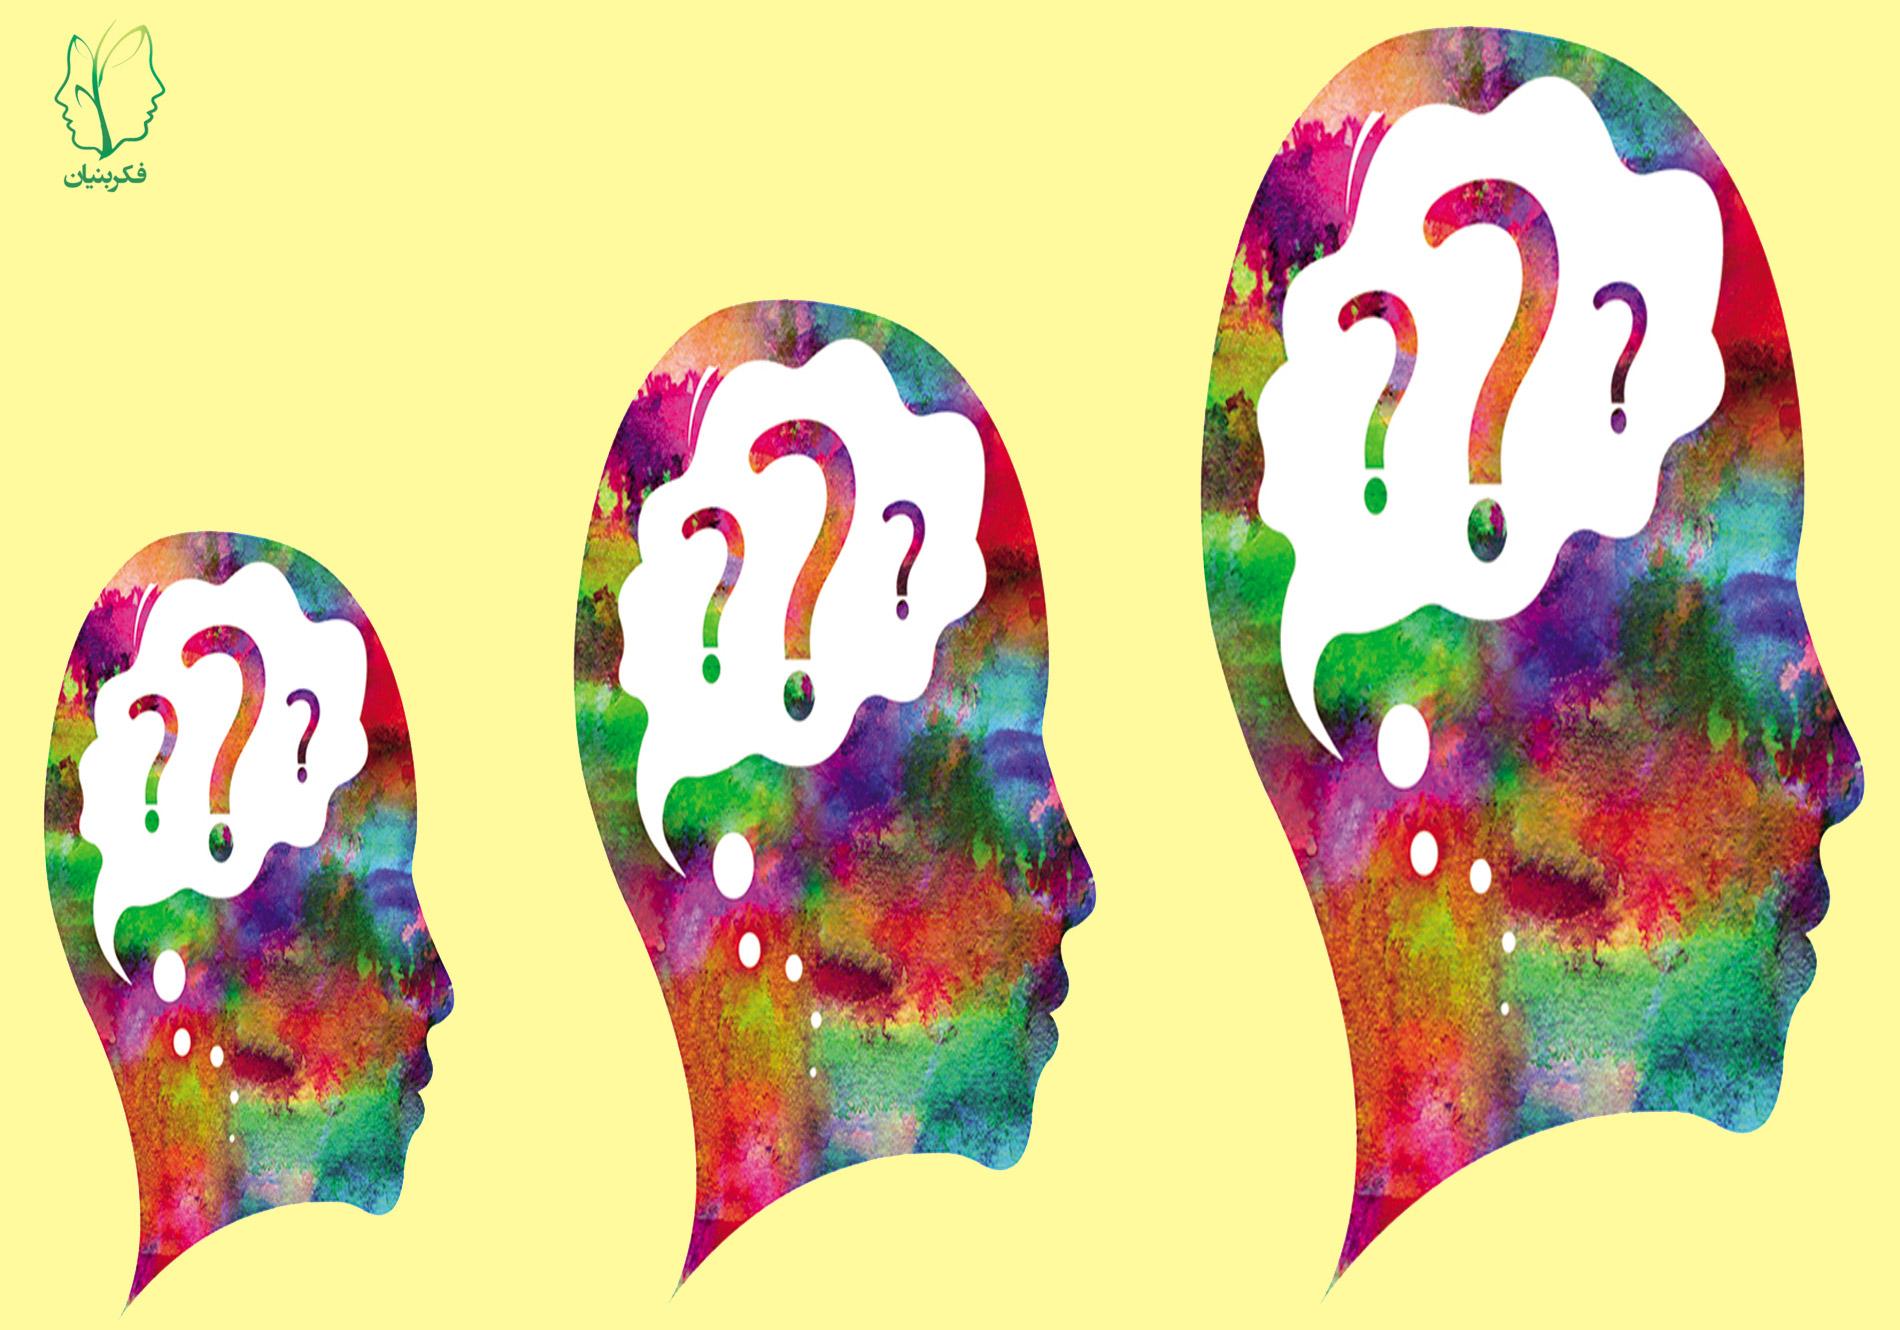 اهمـیت روانشناسی رشـد در روانشناسی بالـینی